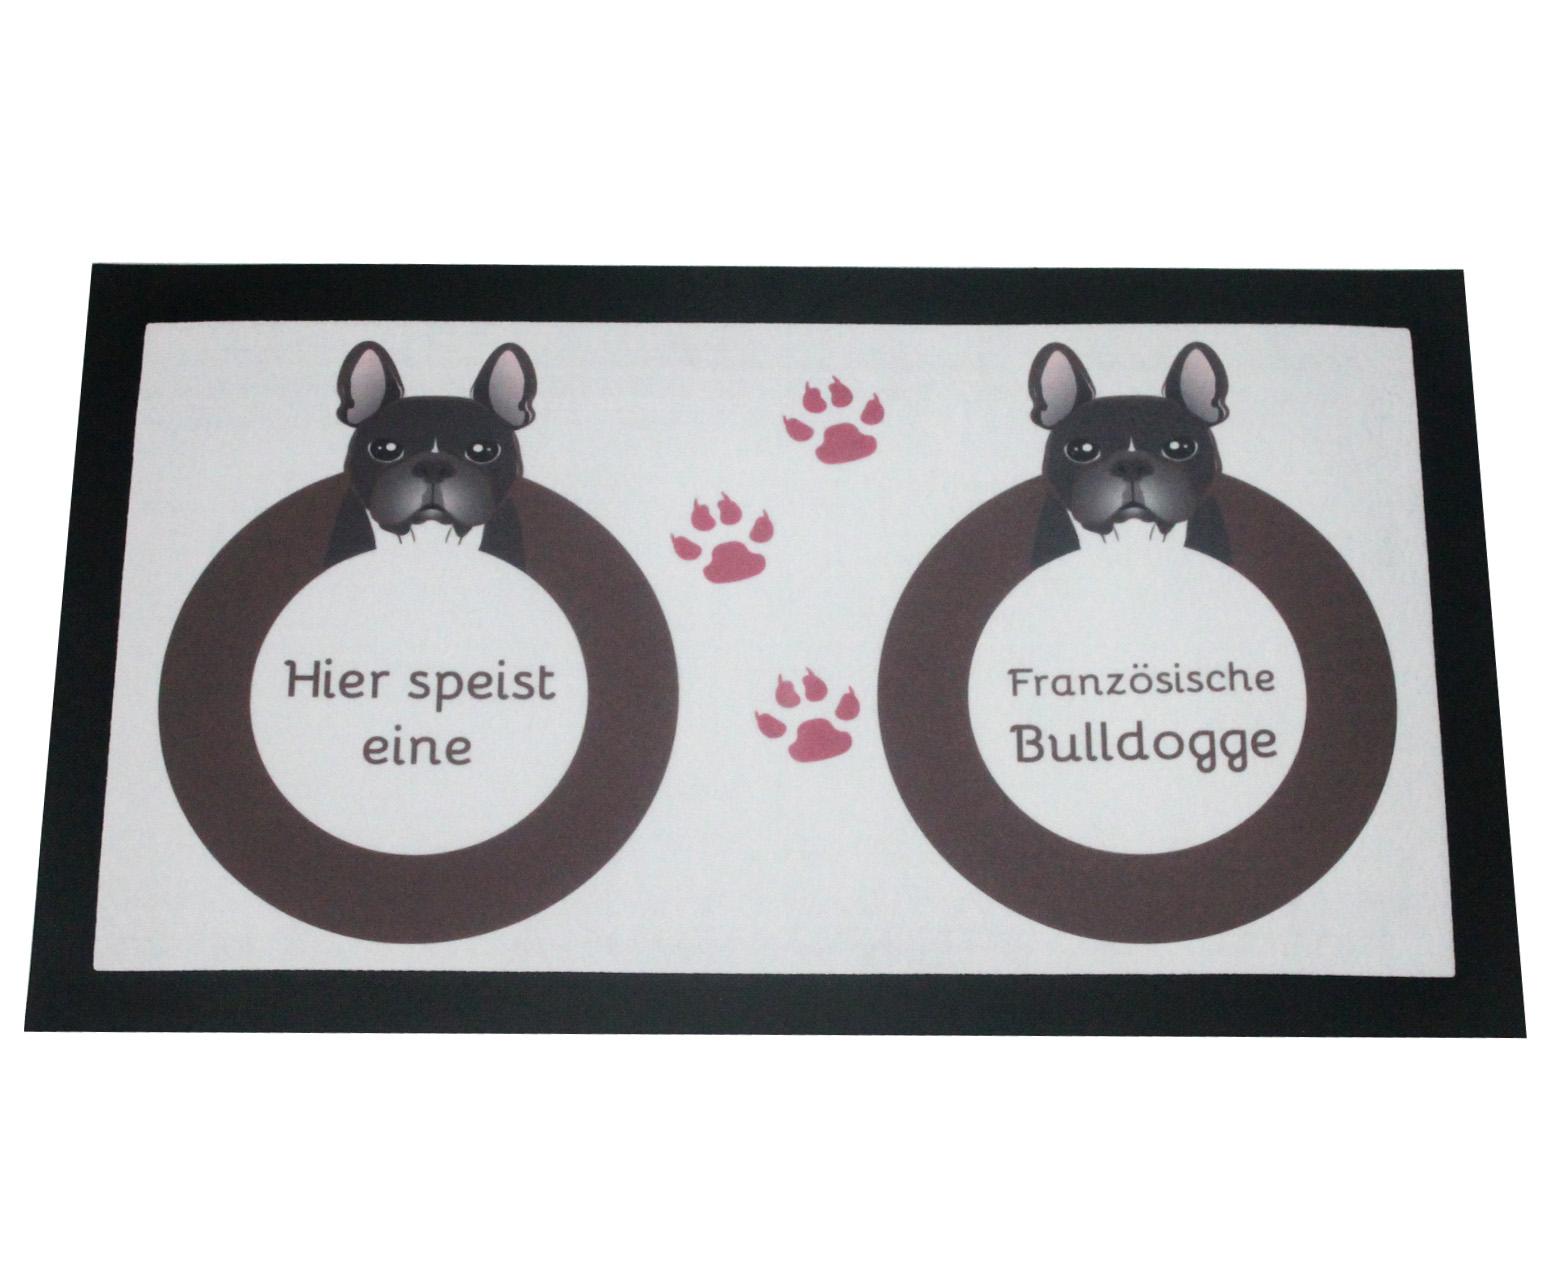 Napfunterlage Französische Bulldogge Hund